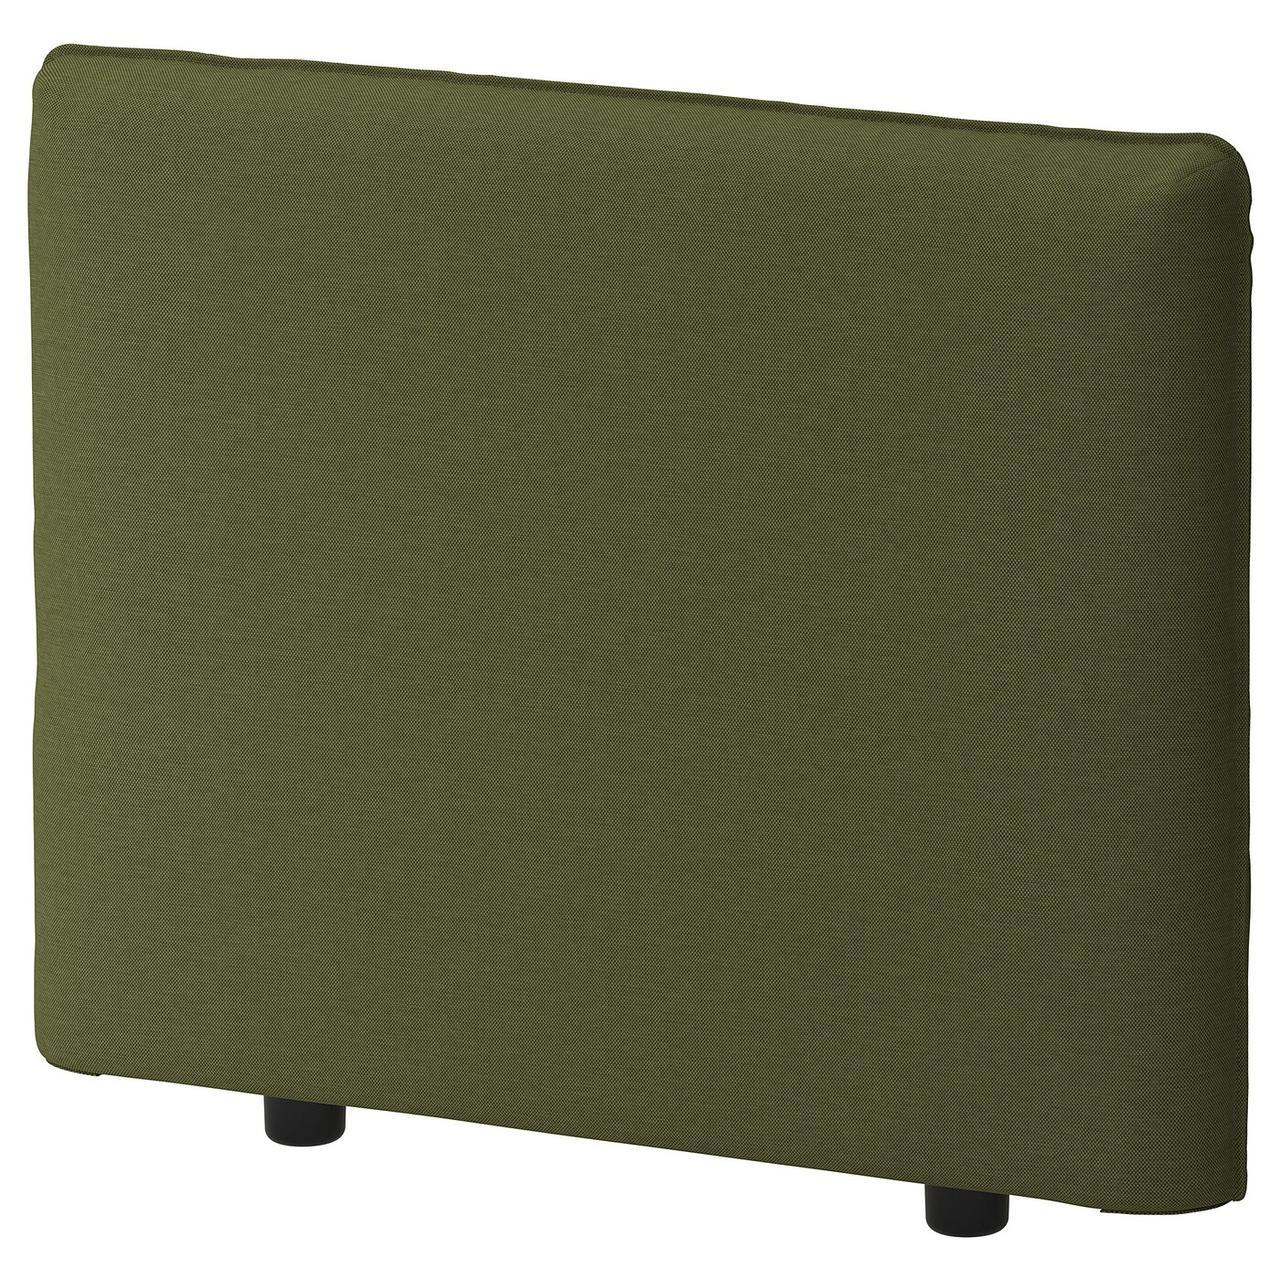 IKEA VALLENTUNA  Чехол на подлокотник, Оррста оливково-зеленый (904.179.71)